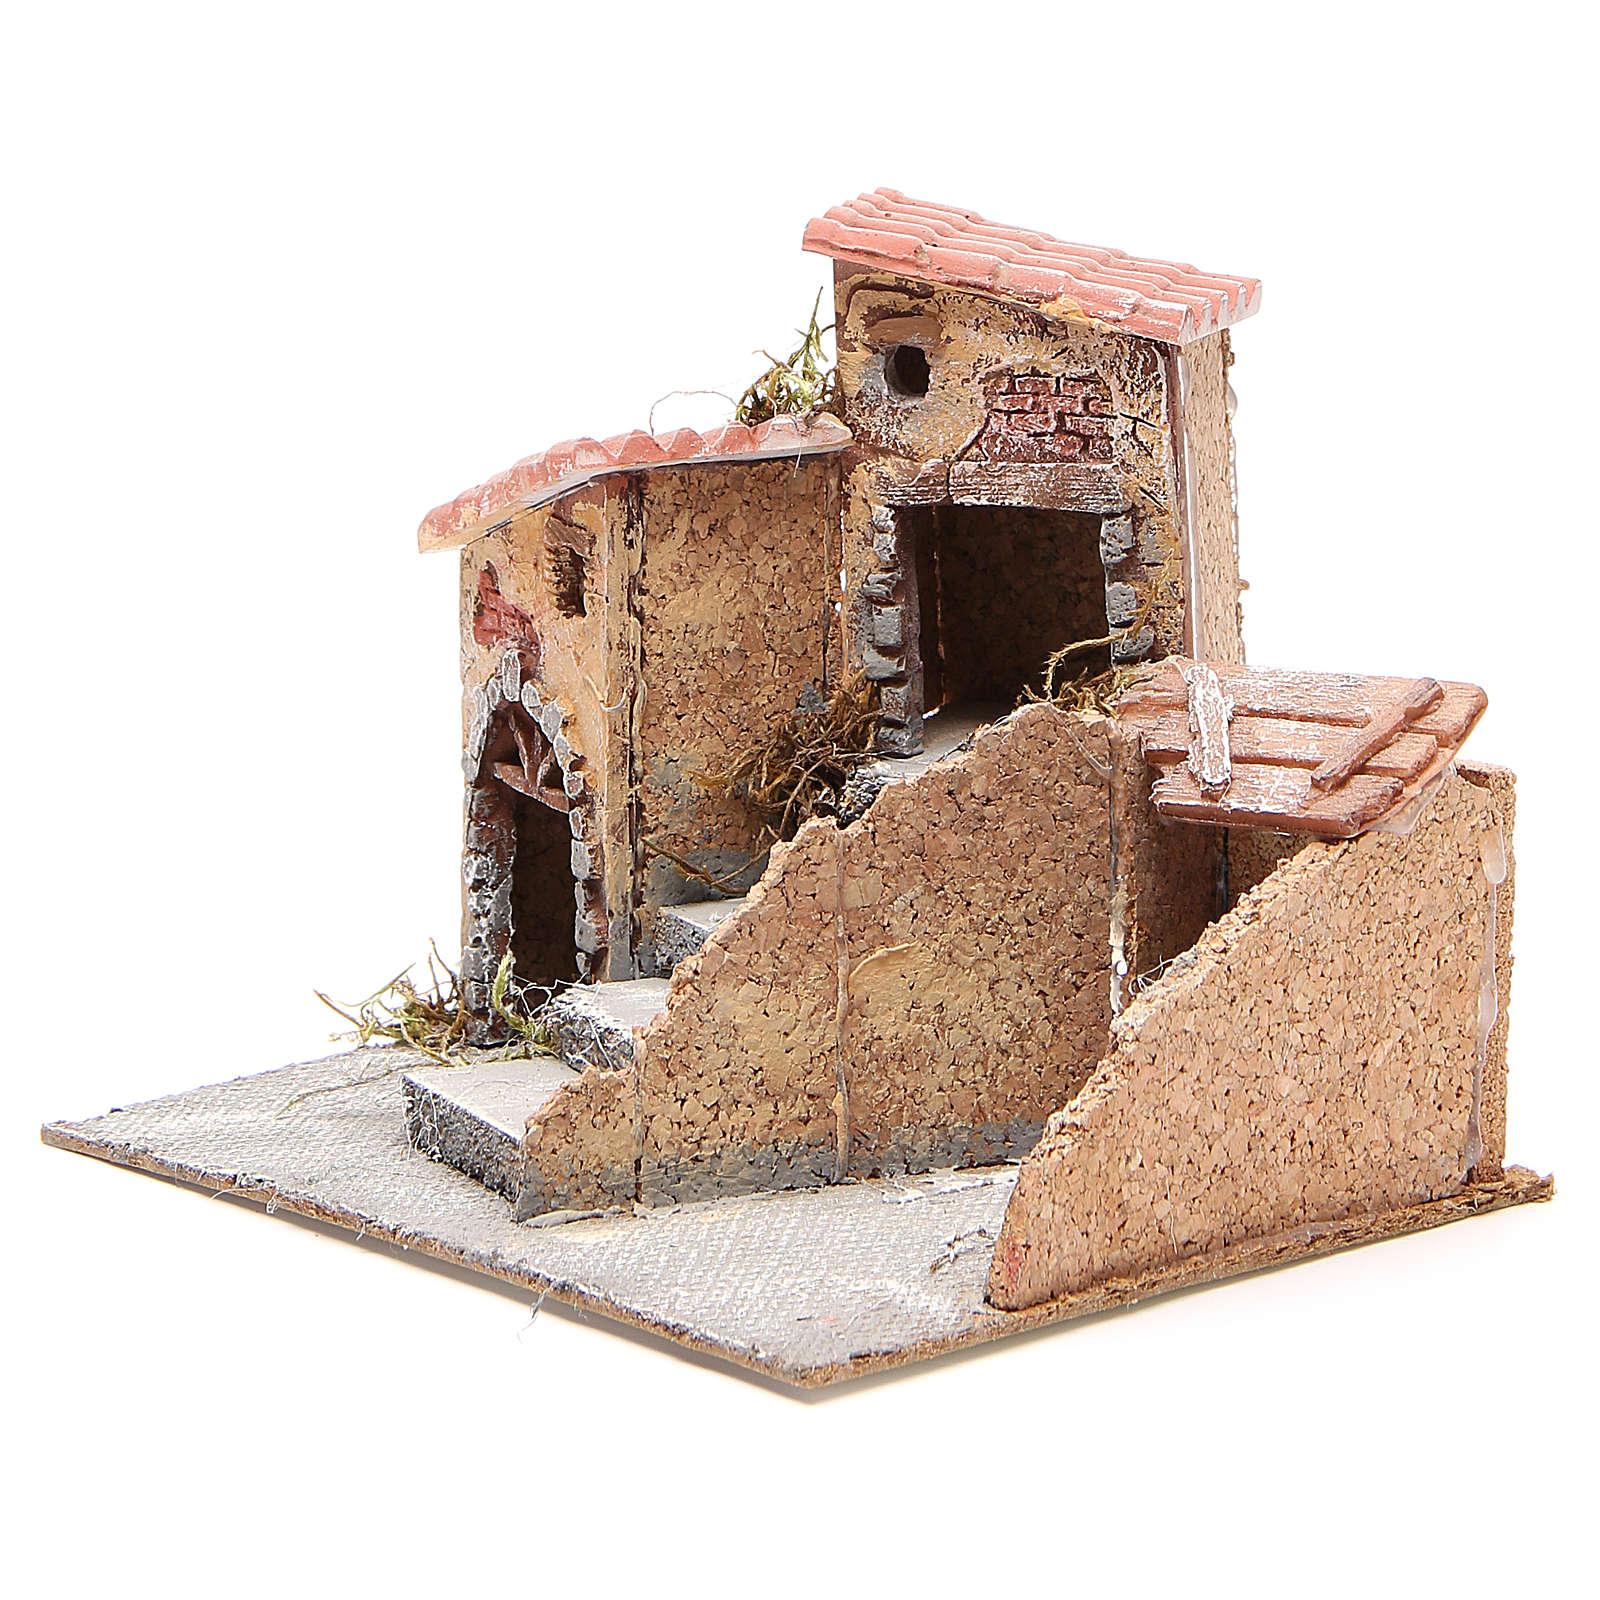 Maisons composition crèche liège et résine 19x20x18 cm 4